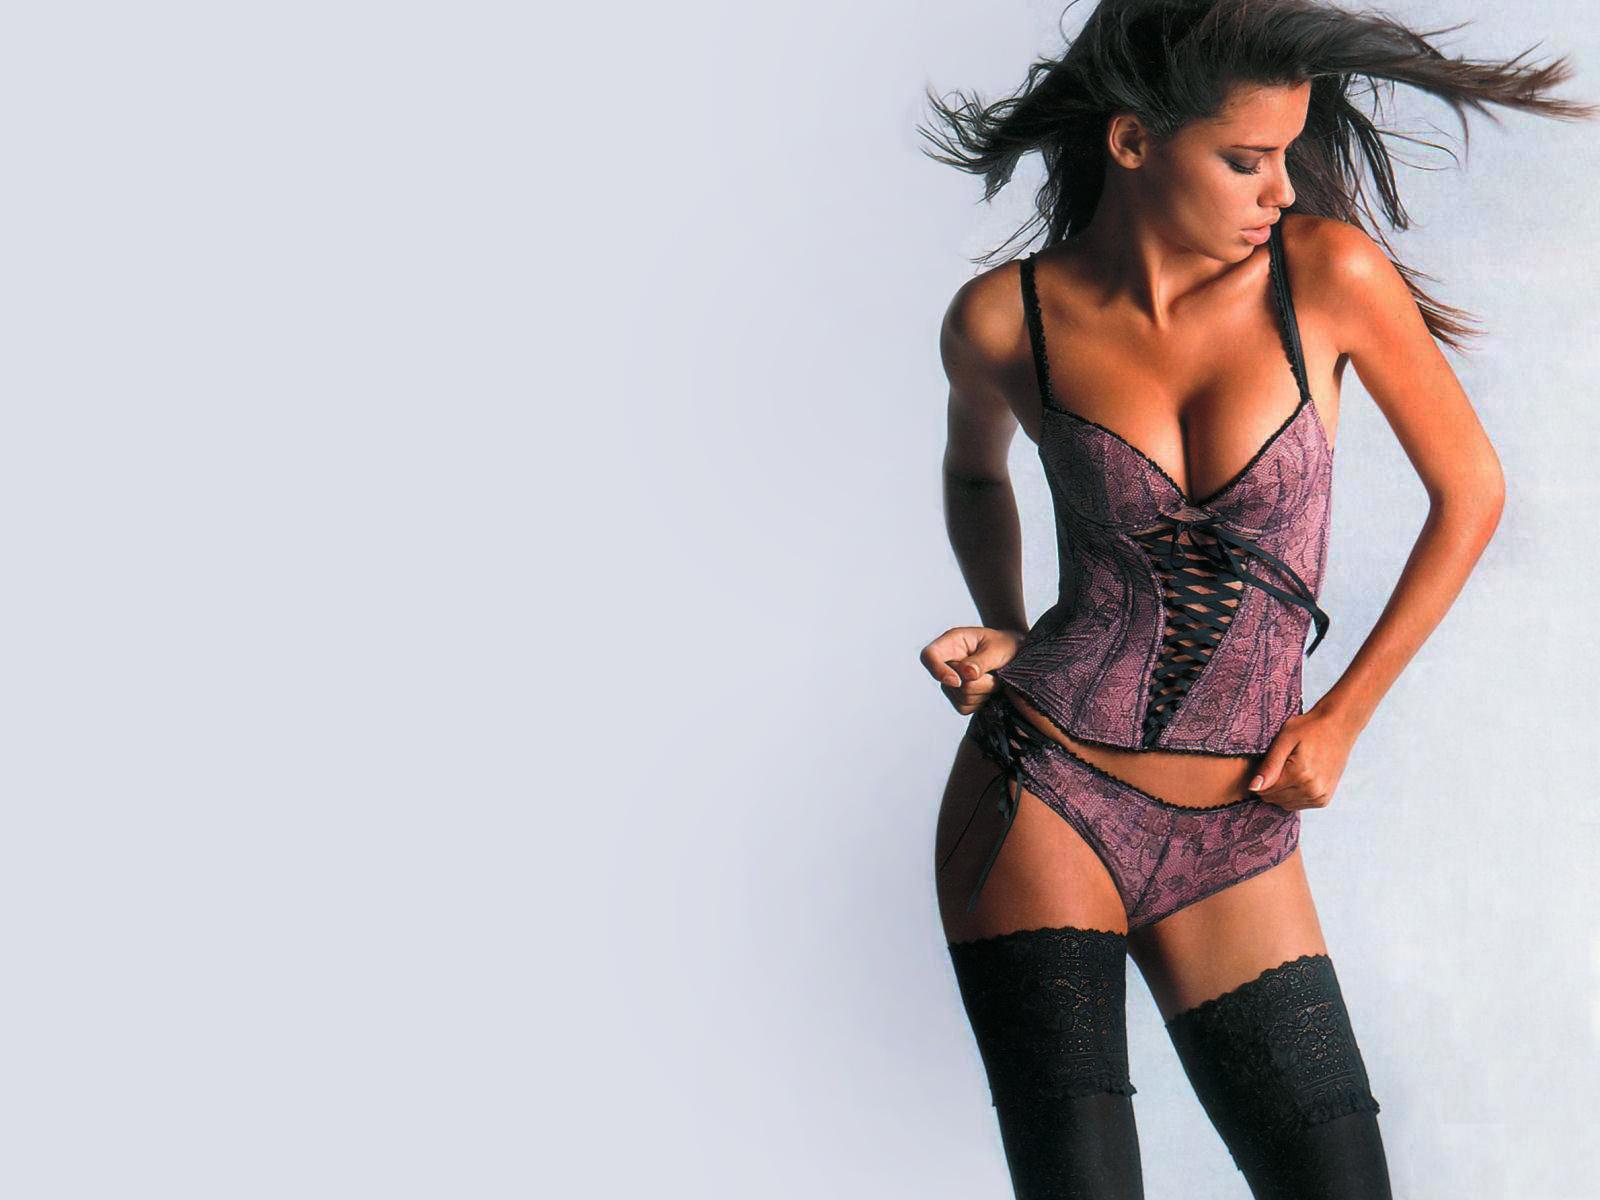 http://3.bp.blogspot.com/_v5h2qxDB1io/TQDaC8X9EpI/AAAAAAAAAtc/-y3MdJ-cVAI/s1600/Adriana+Lima+06.jpg